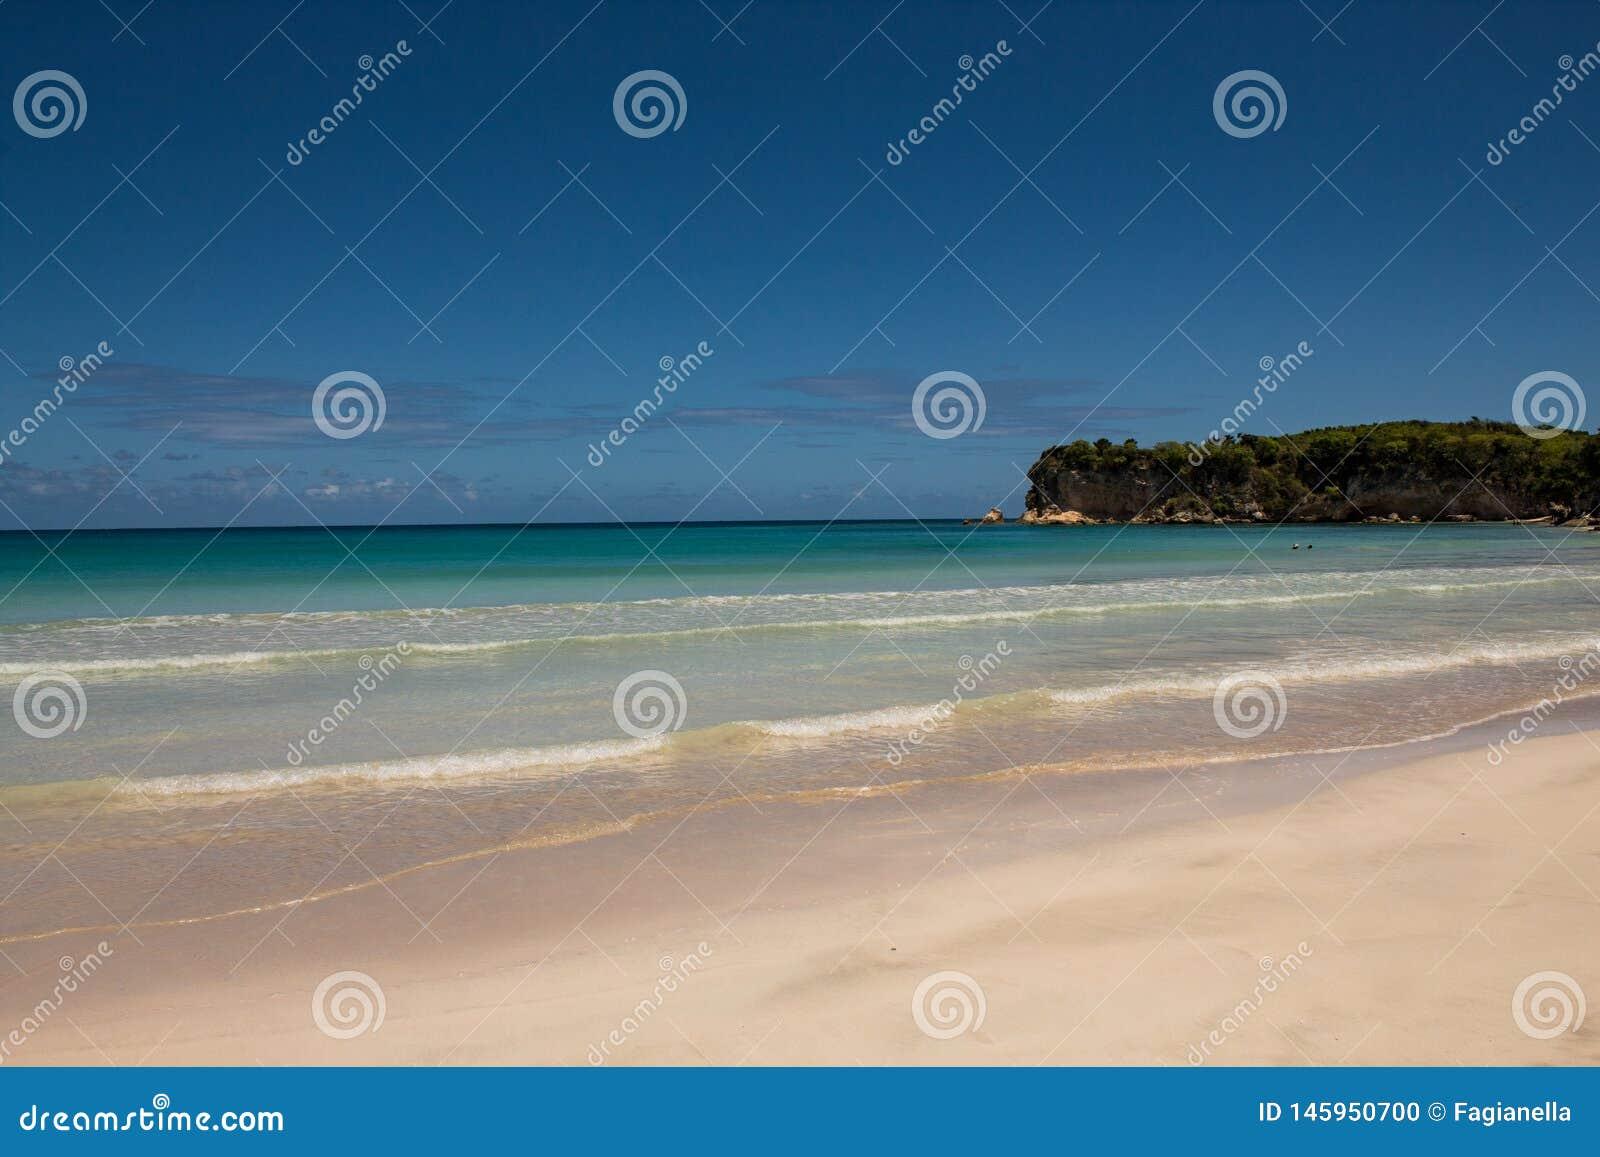 Couleurs des Cara?bes : plage publique, mer bleue intense et ciel : paradis tropical